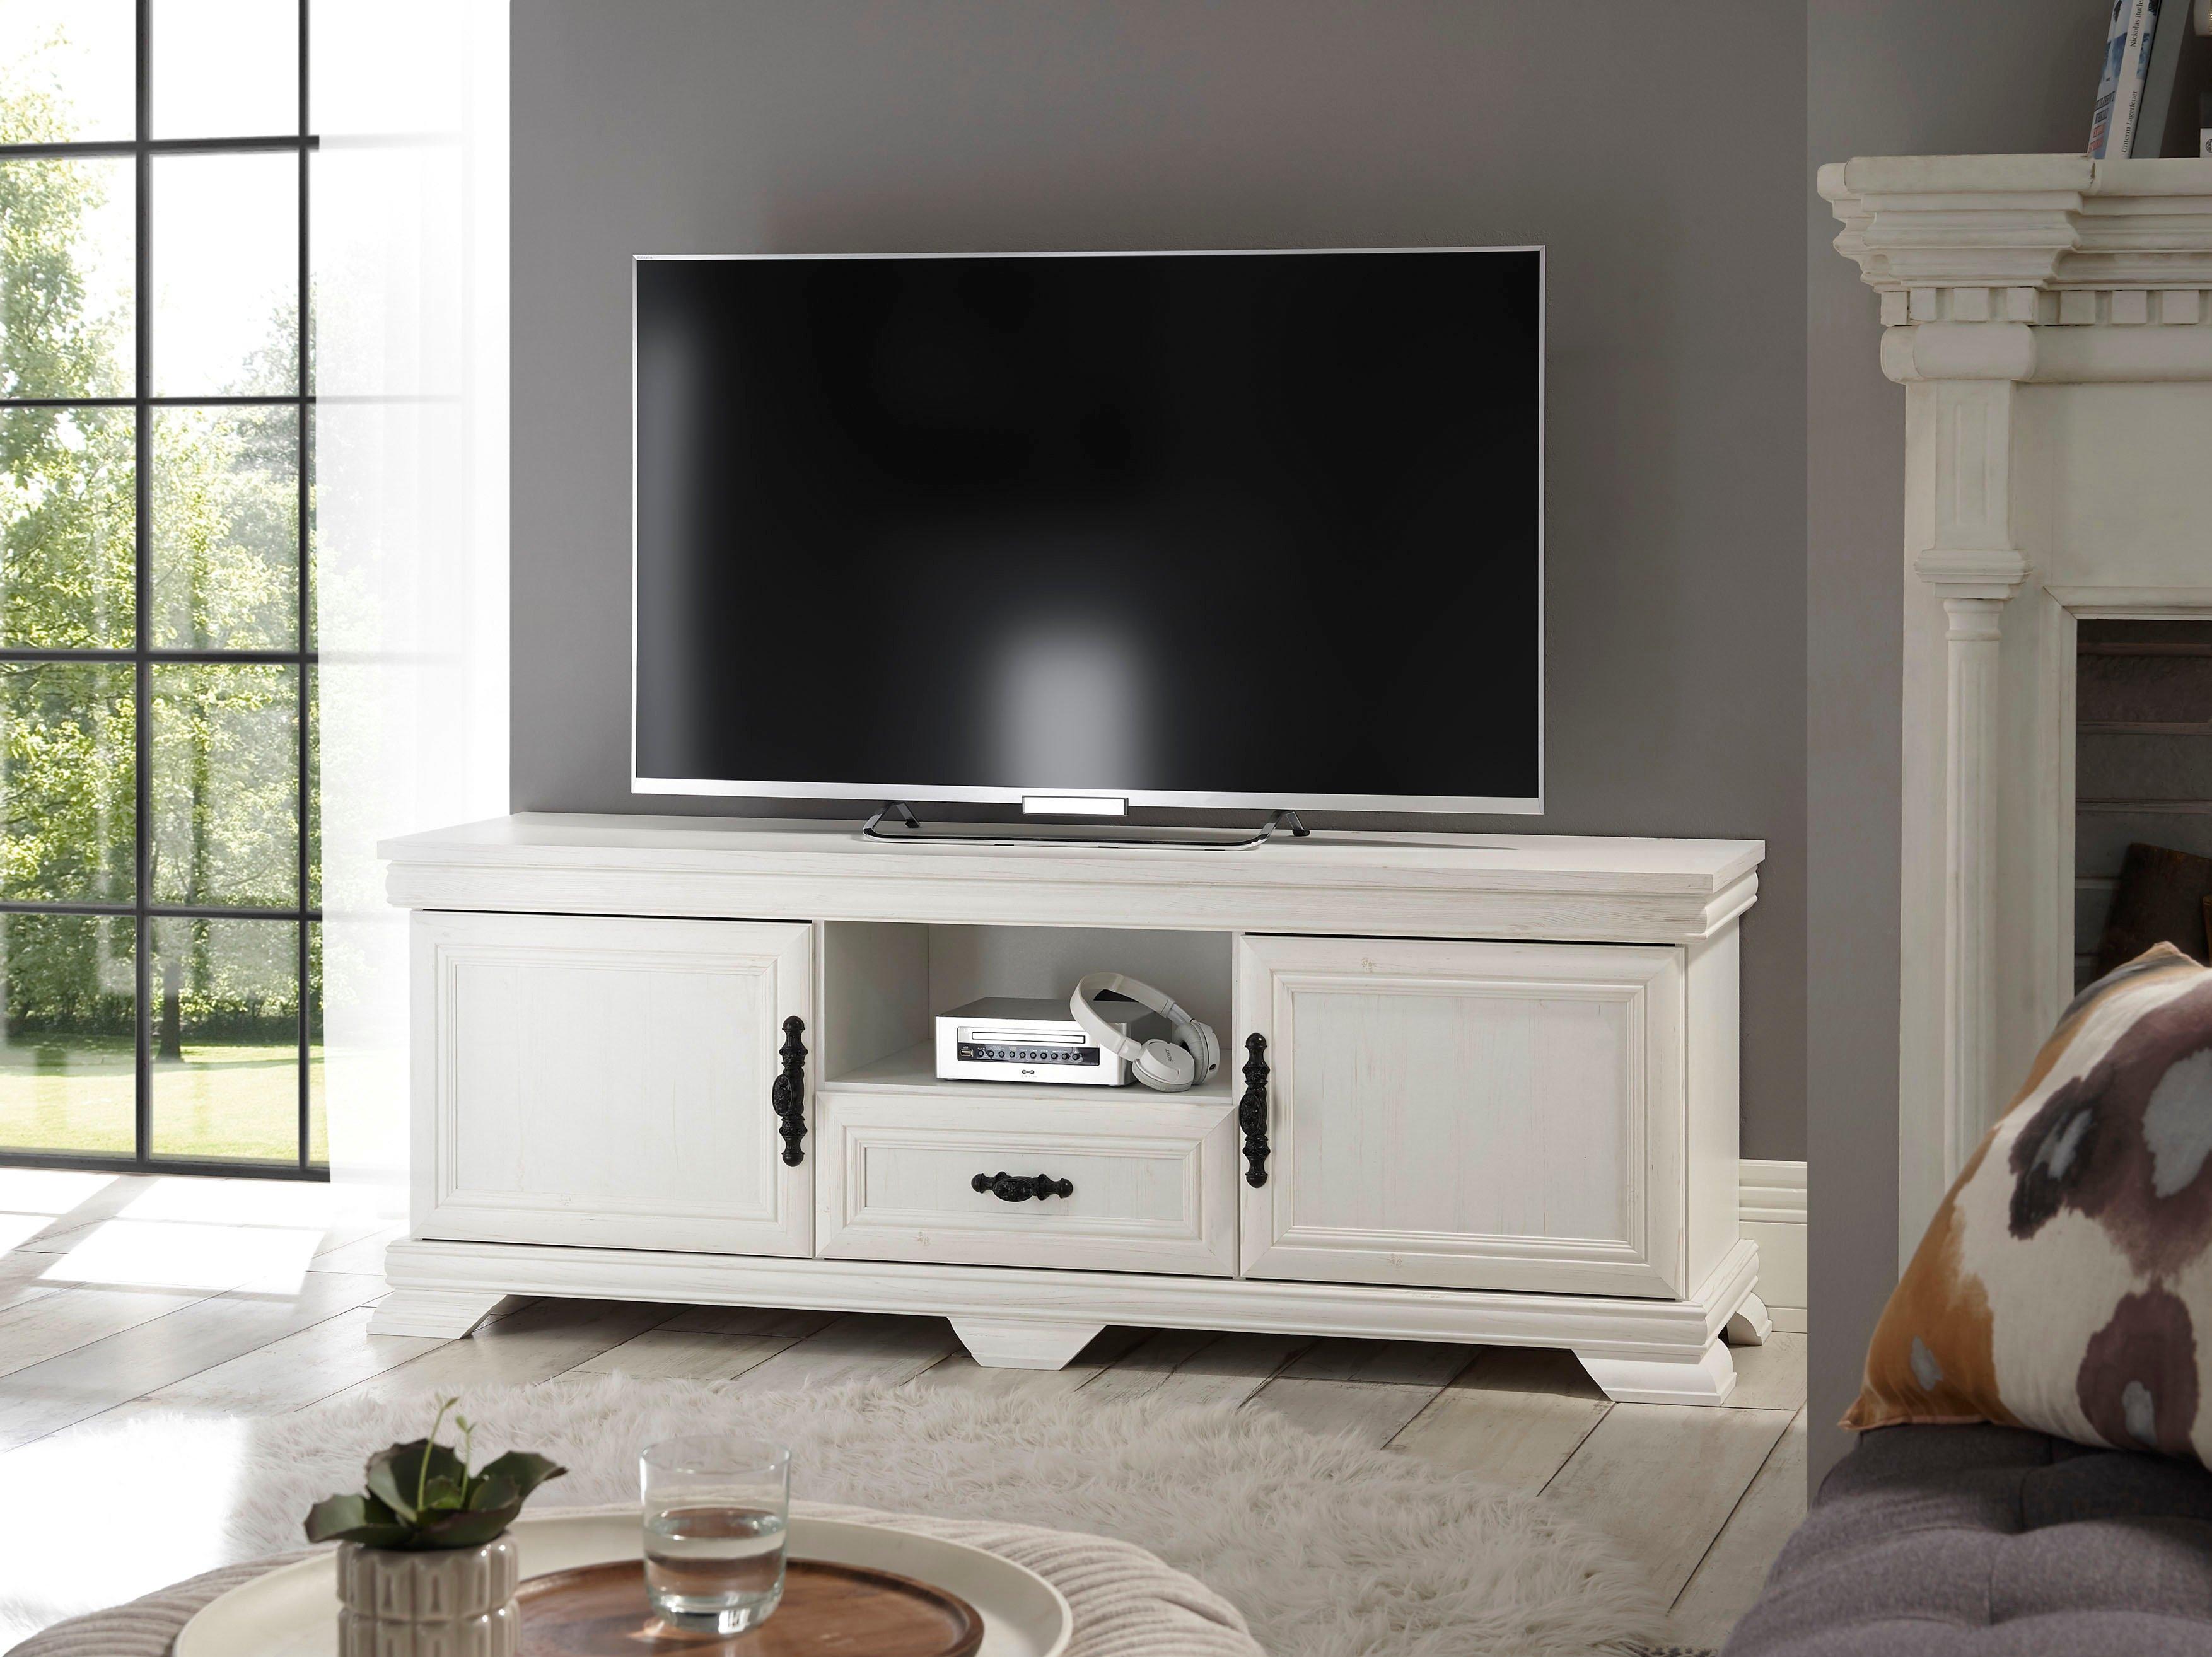 Home affaire tv-meubel Royal exclusief design in landhuisstijl - verschillende betaalmethodes